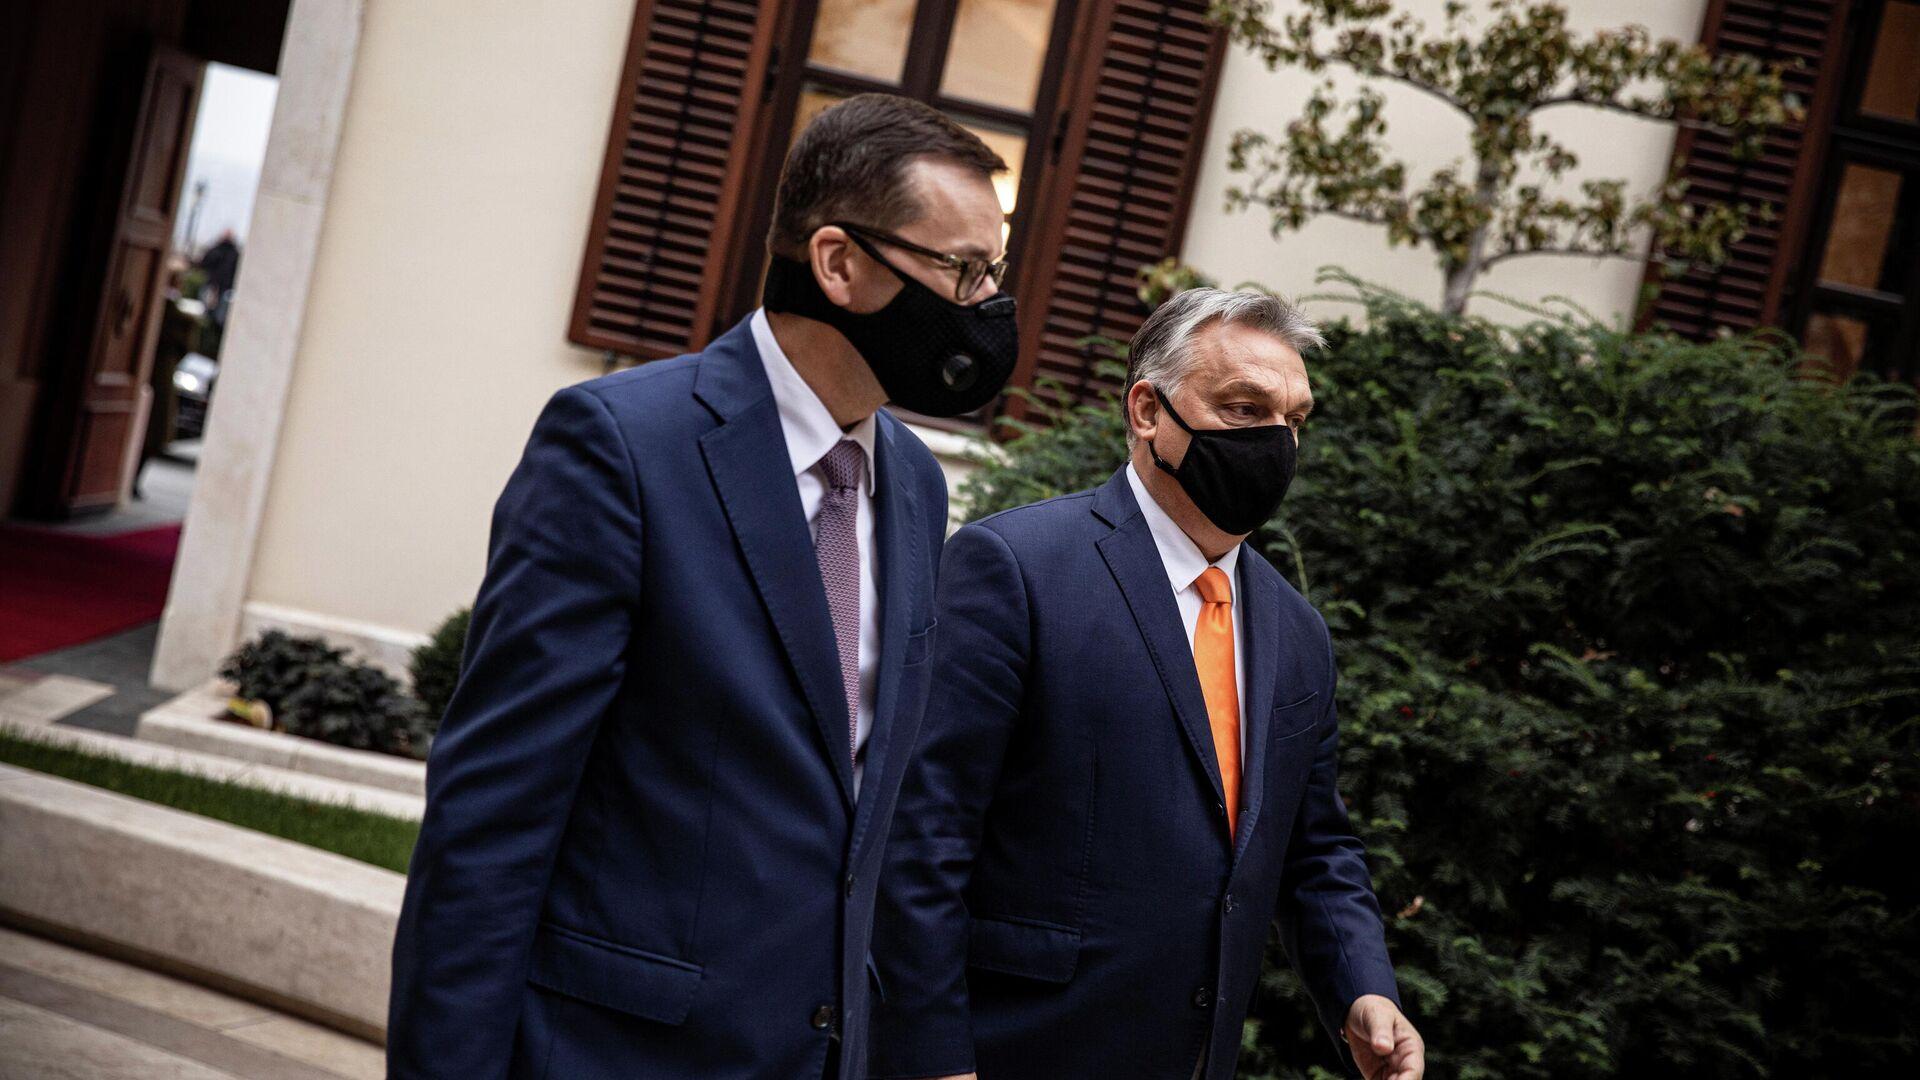 Премьер-министр Венгрии Виктор Орбан и премьер-министр Польши Матеуш Моравецкий в Будапеште. 26 ноября 2020 года  - РИА Новости, 1920, 28.11.2020